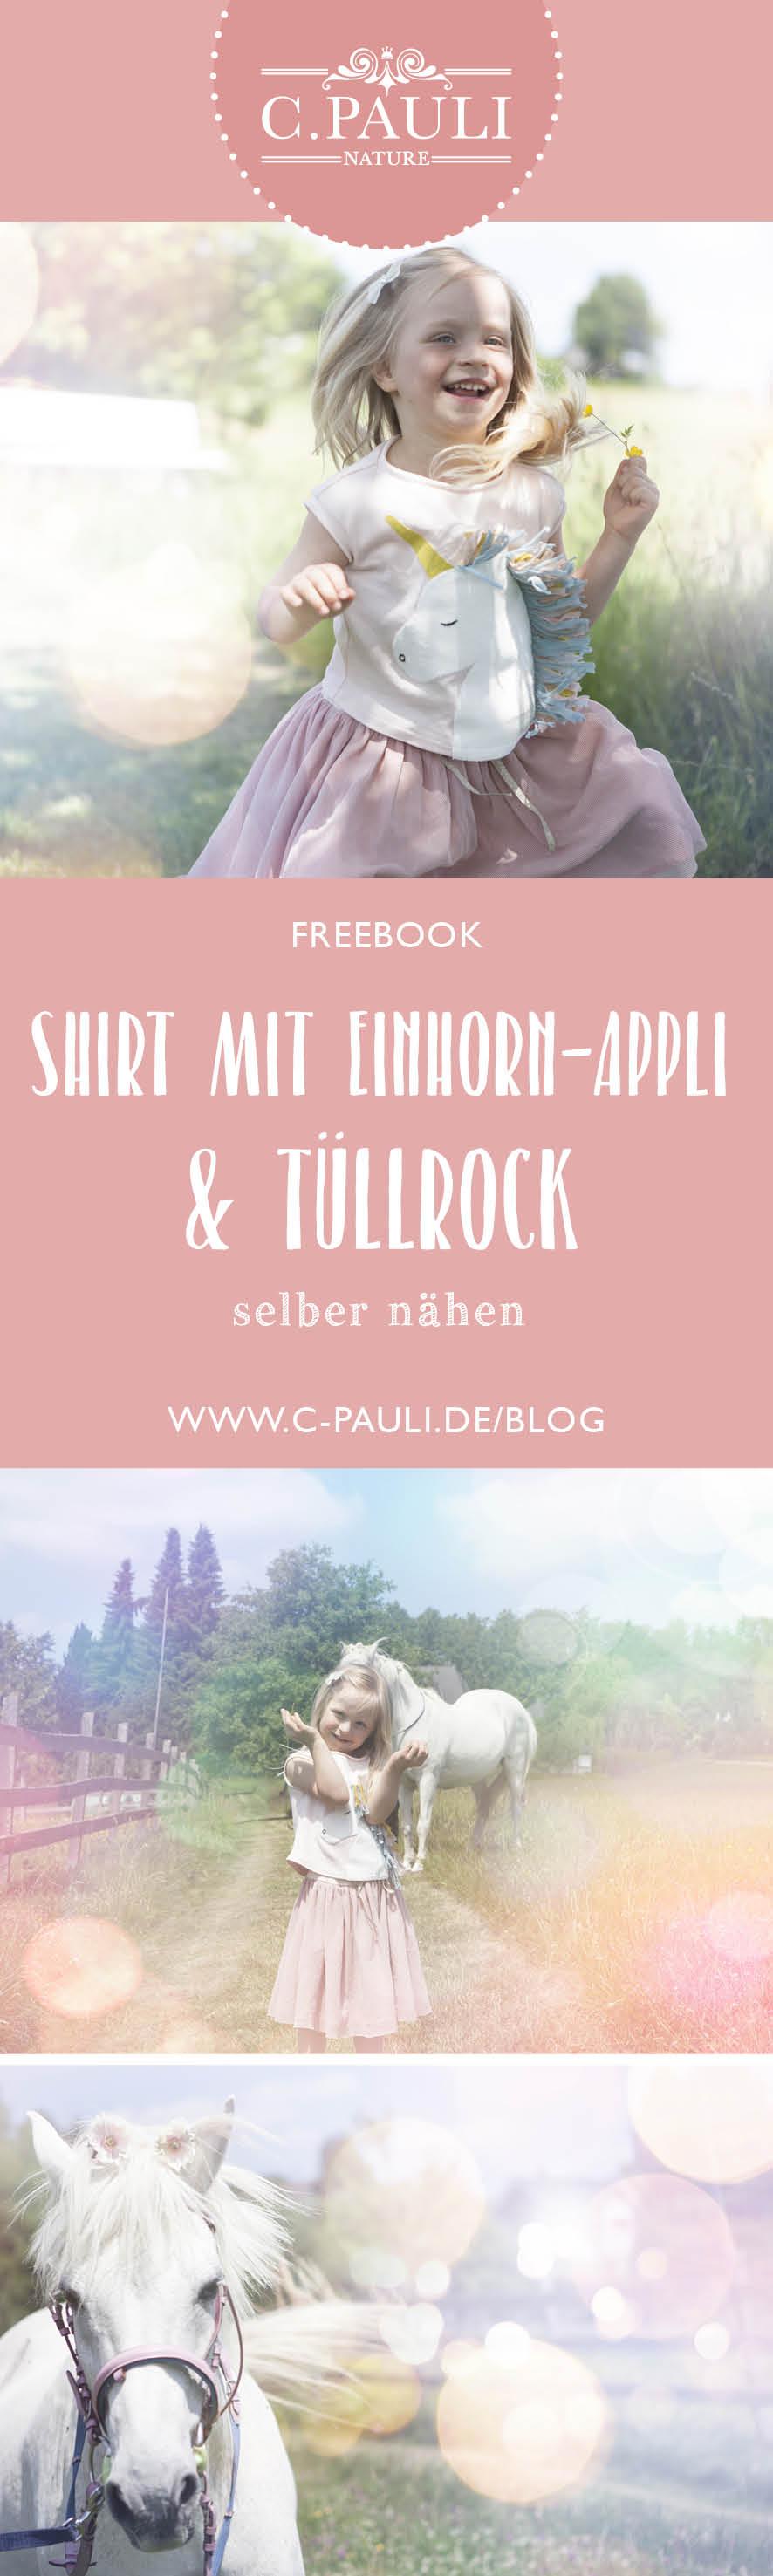 Ein Traum Fur Kleine Madchen Tull Rock Und T Shirt Mit Einhorn